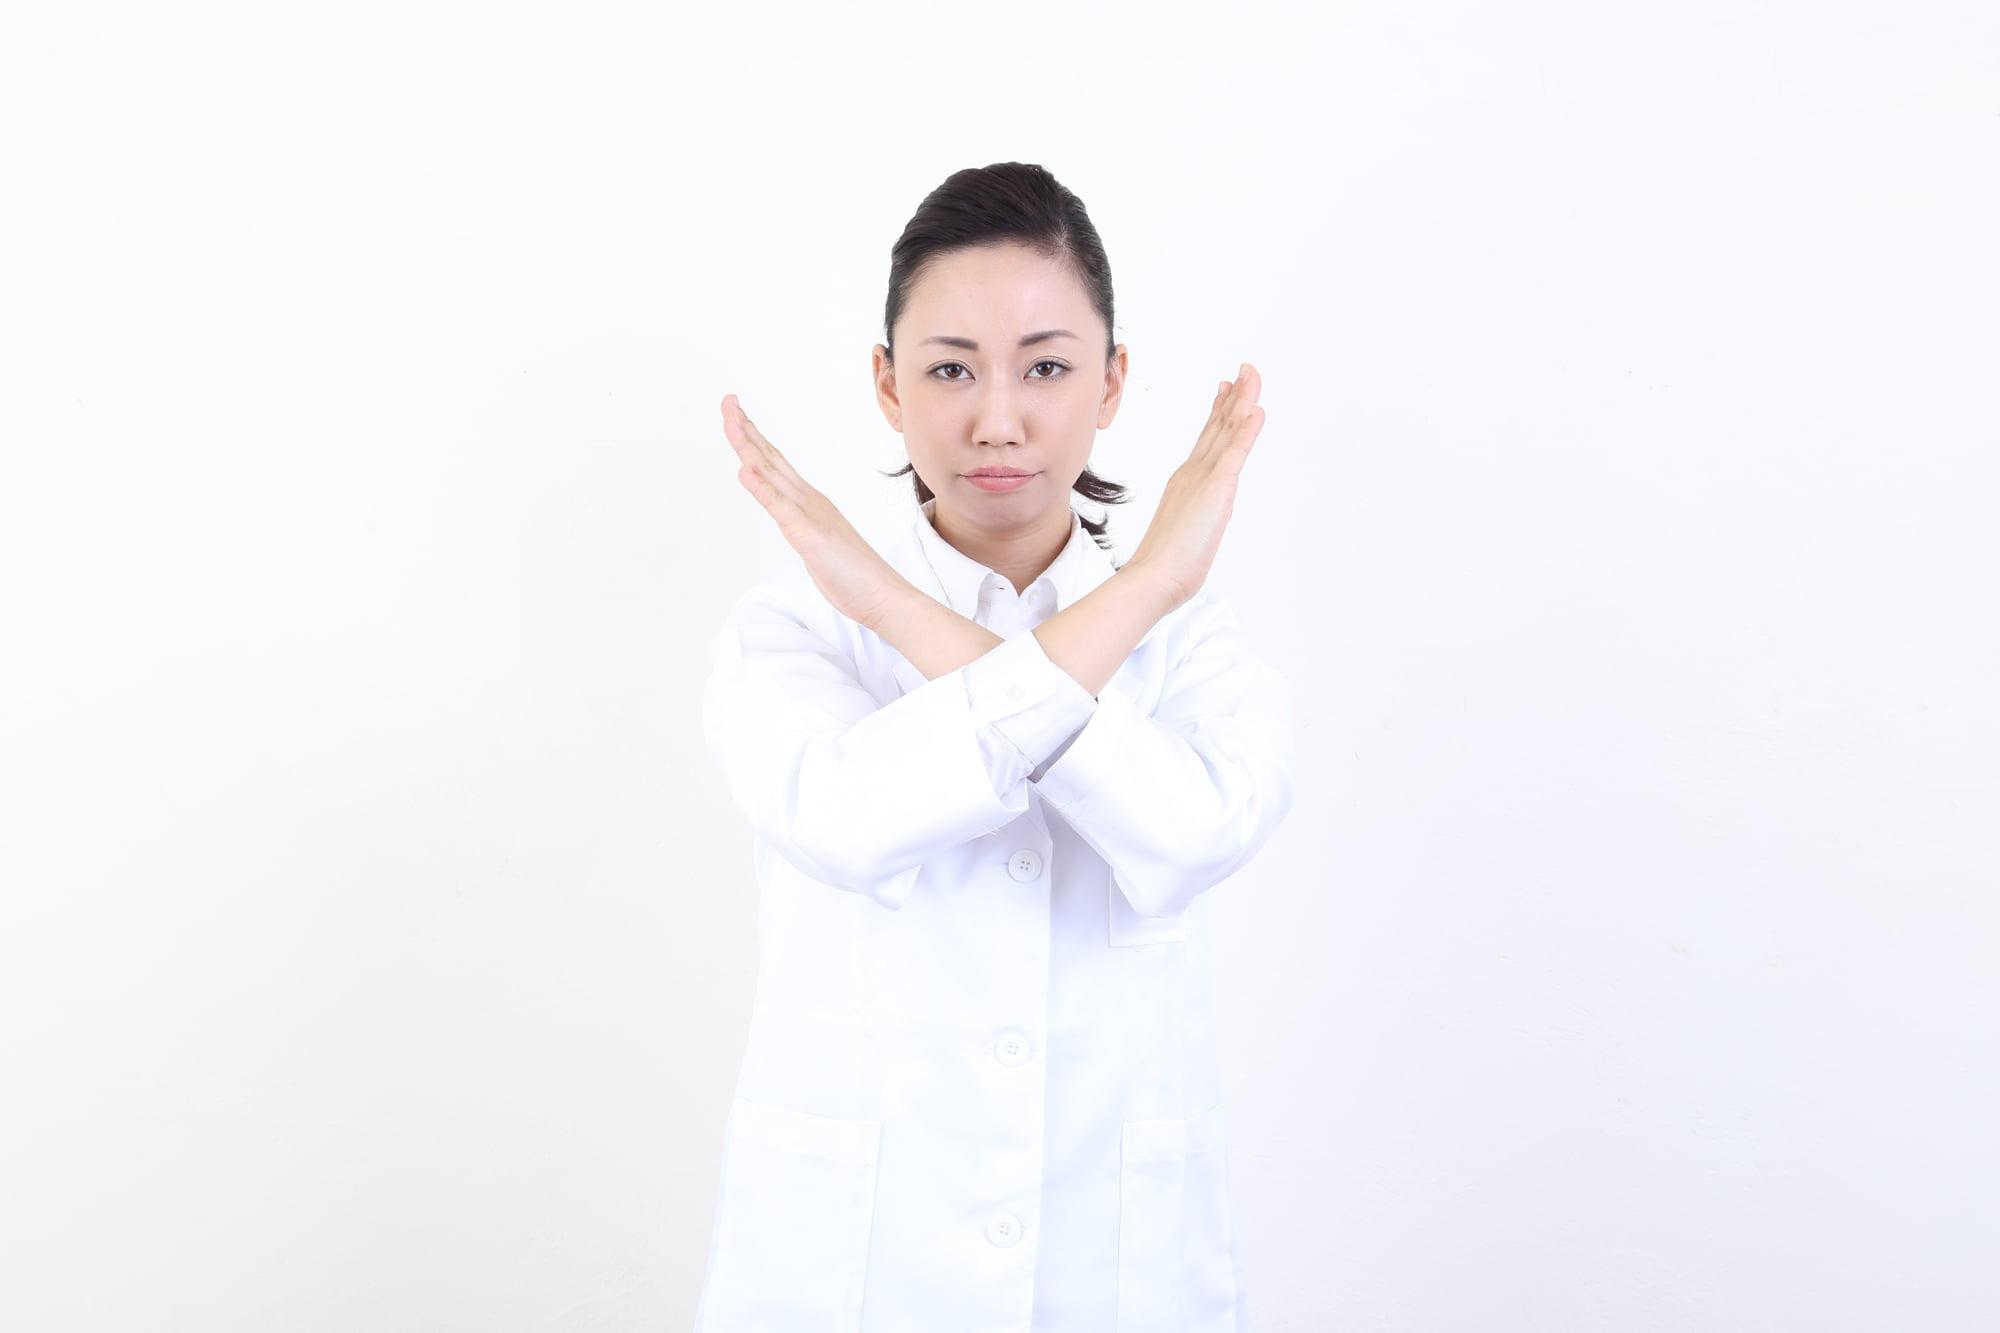 総合人材-薬剤師の女性-バツ